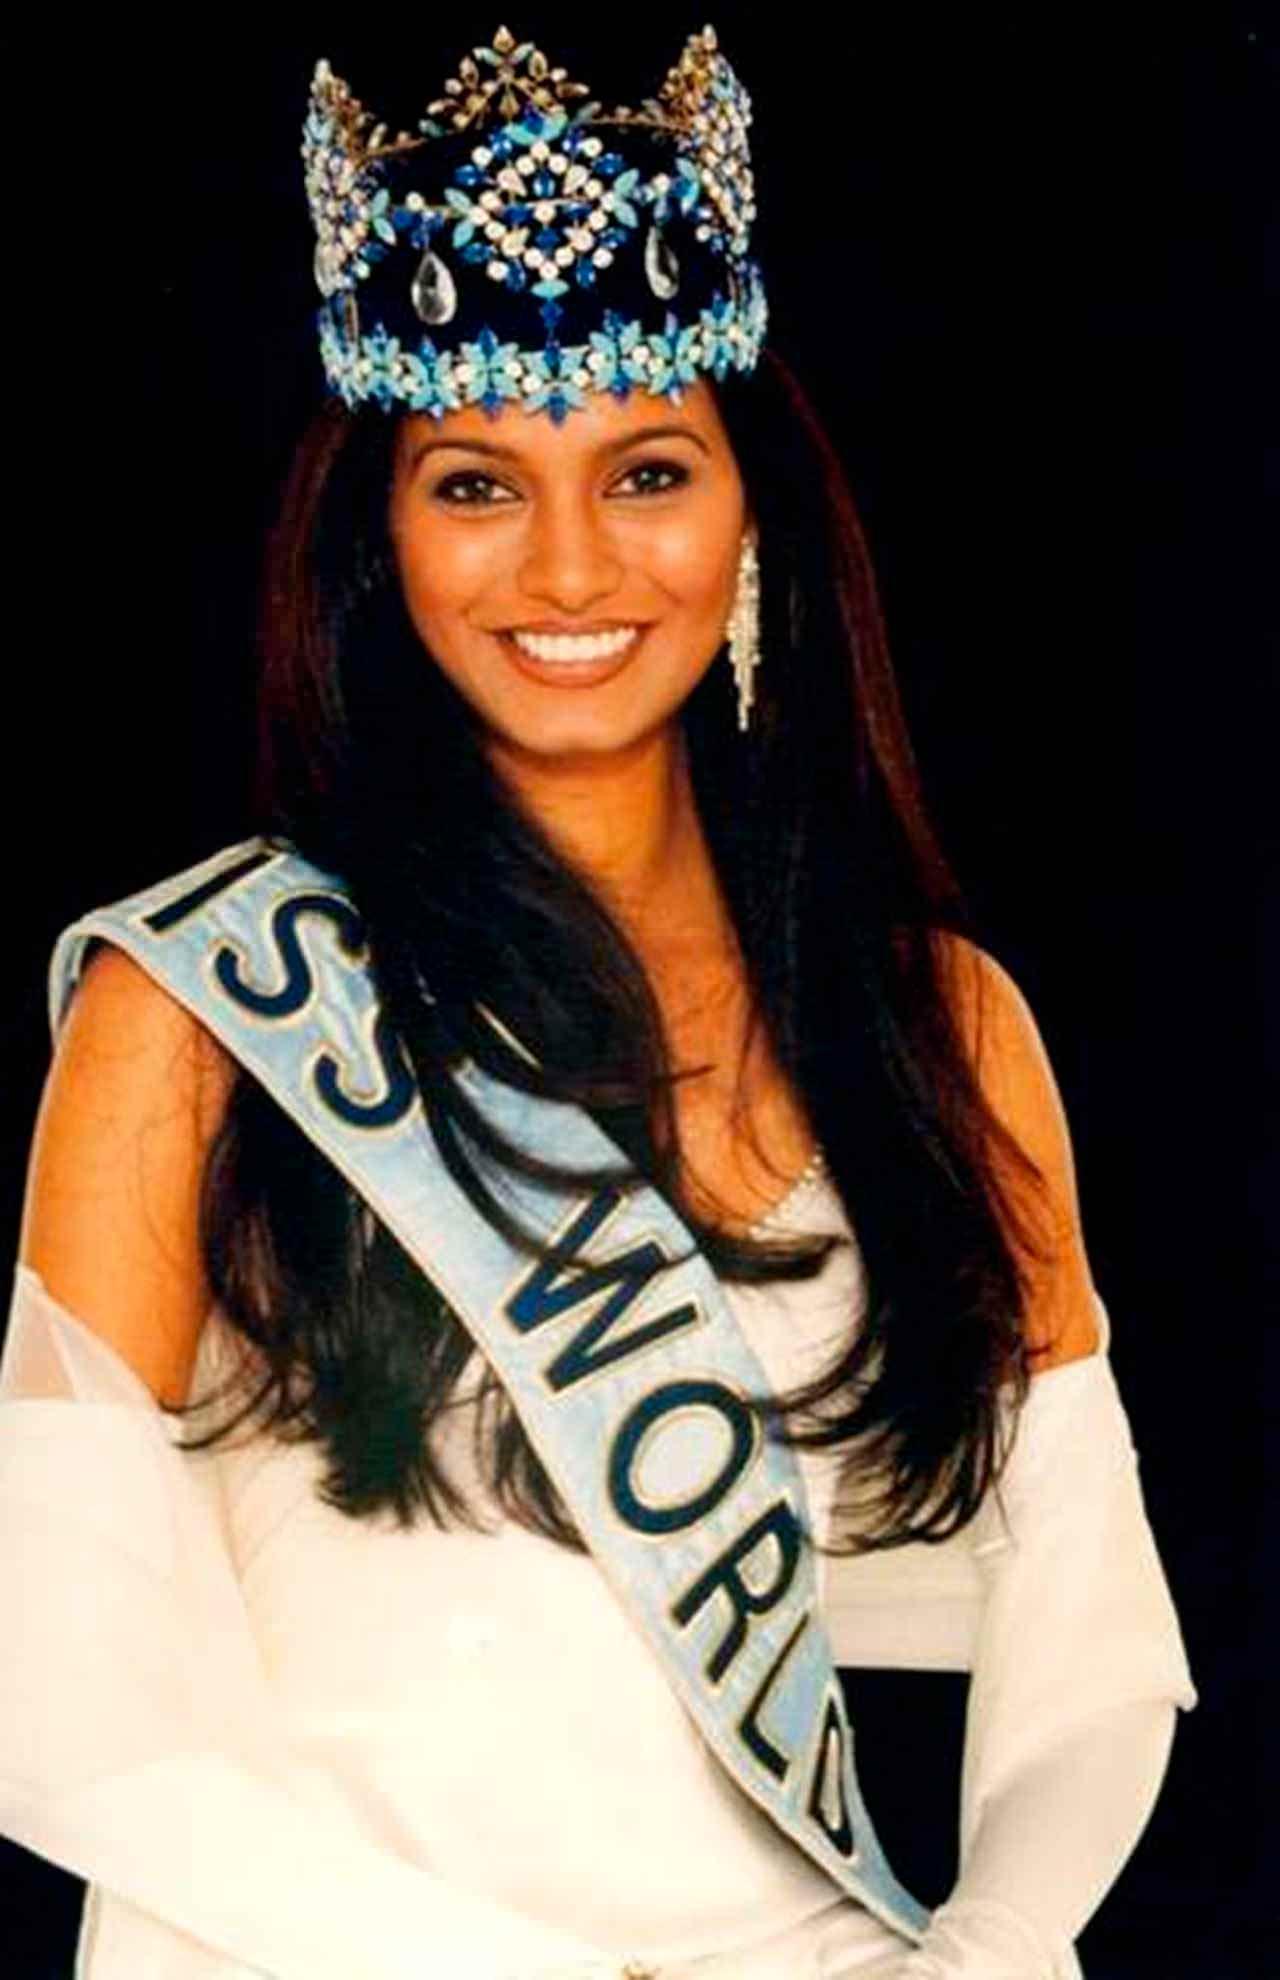 Фото   Мисс Мира 1997 года Диана Хайден